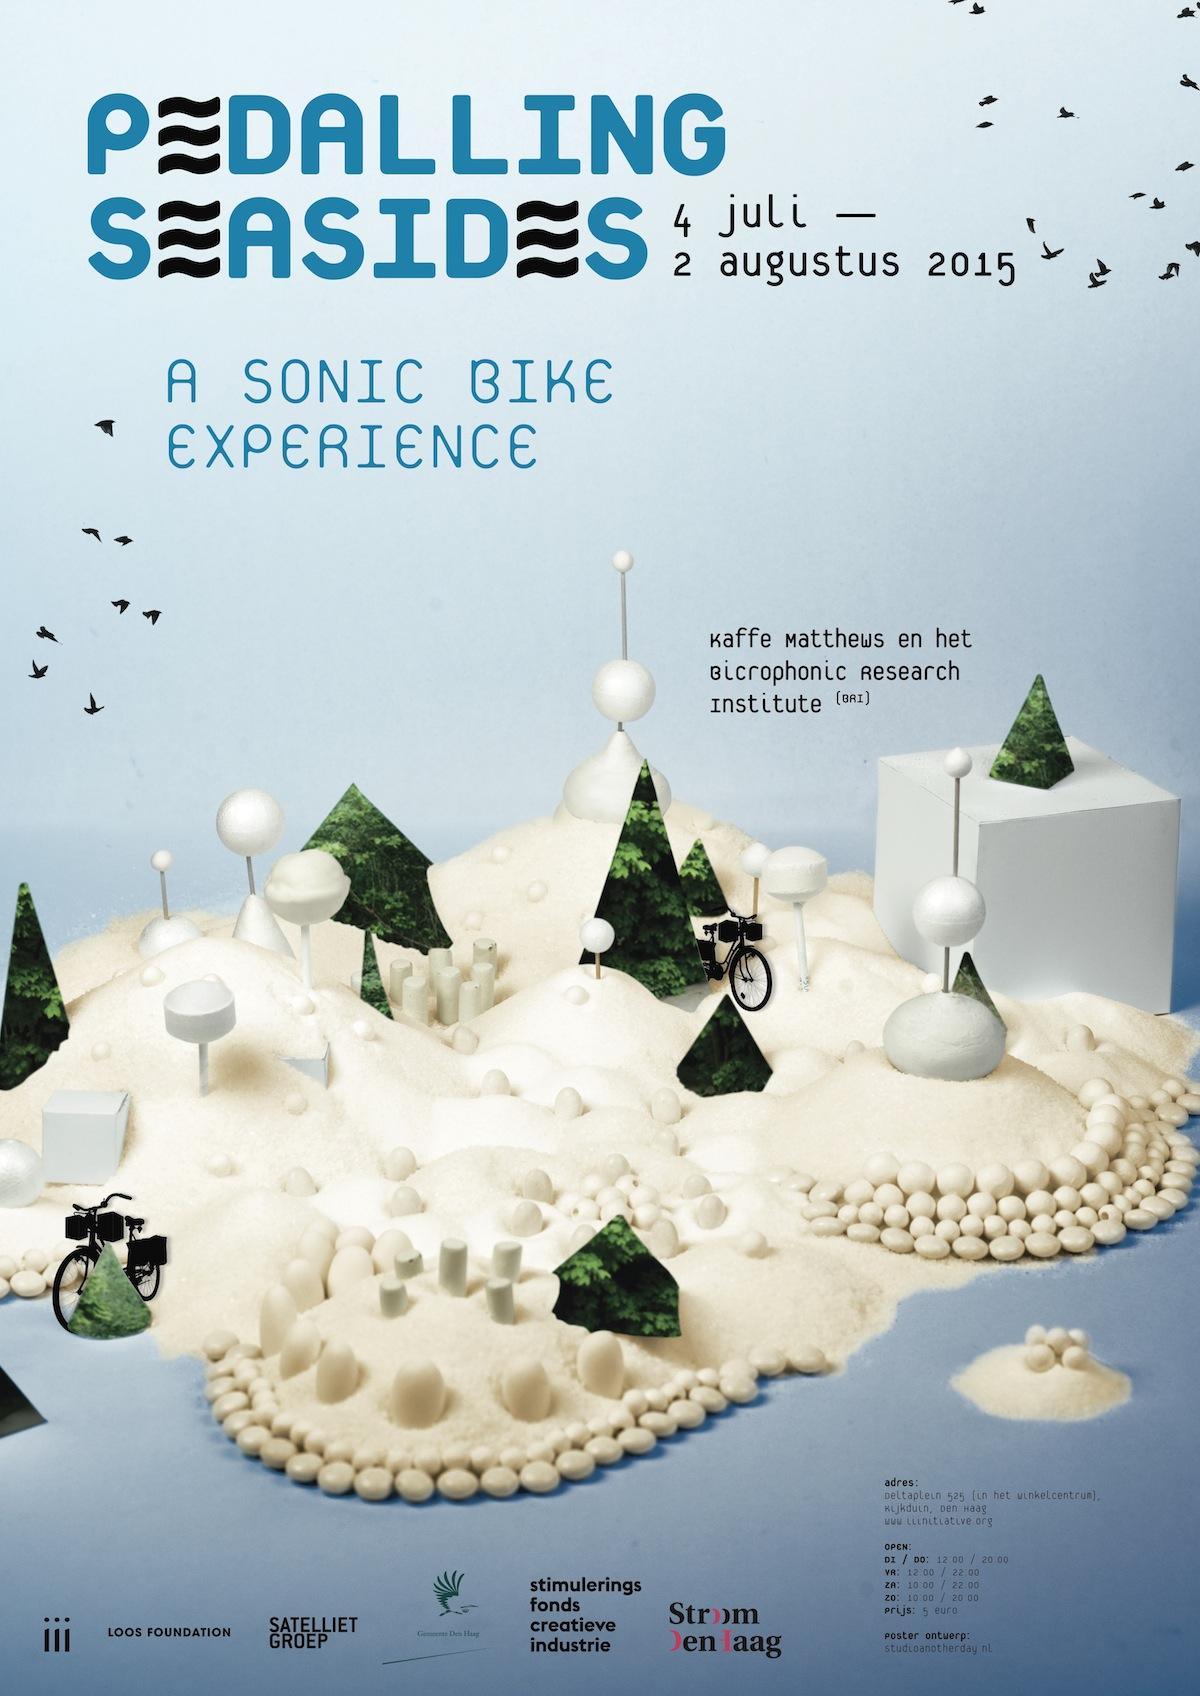 Pedalling-Seasides